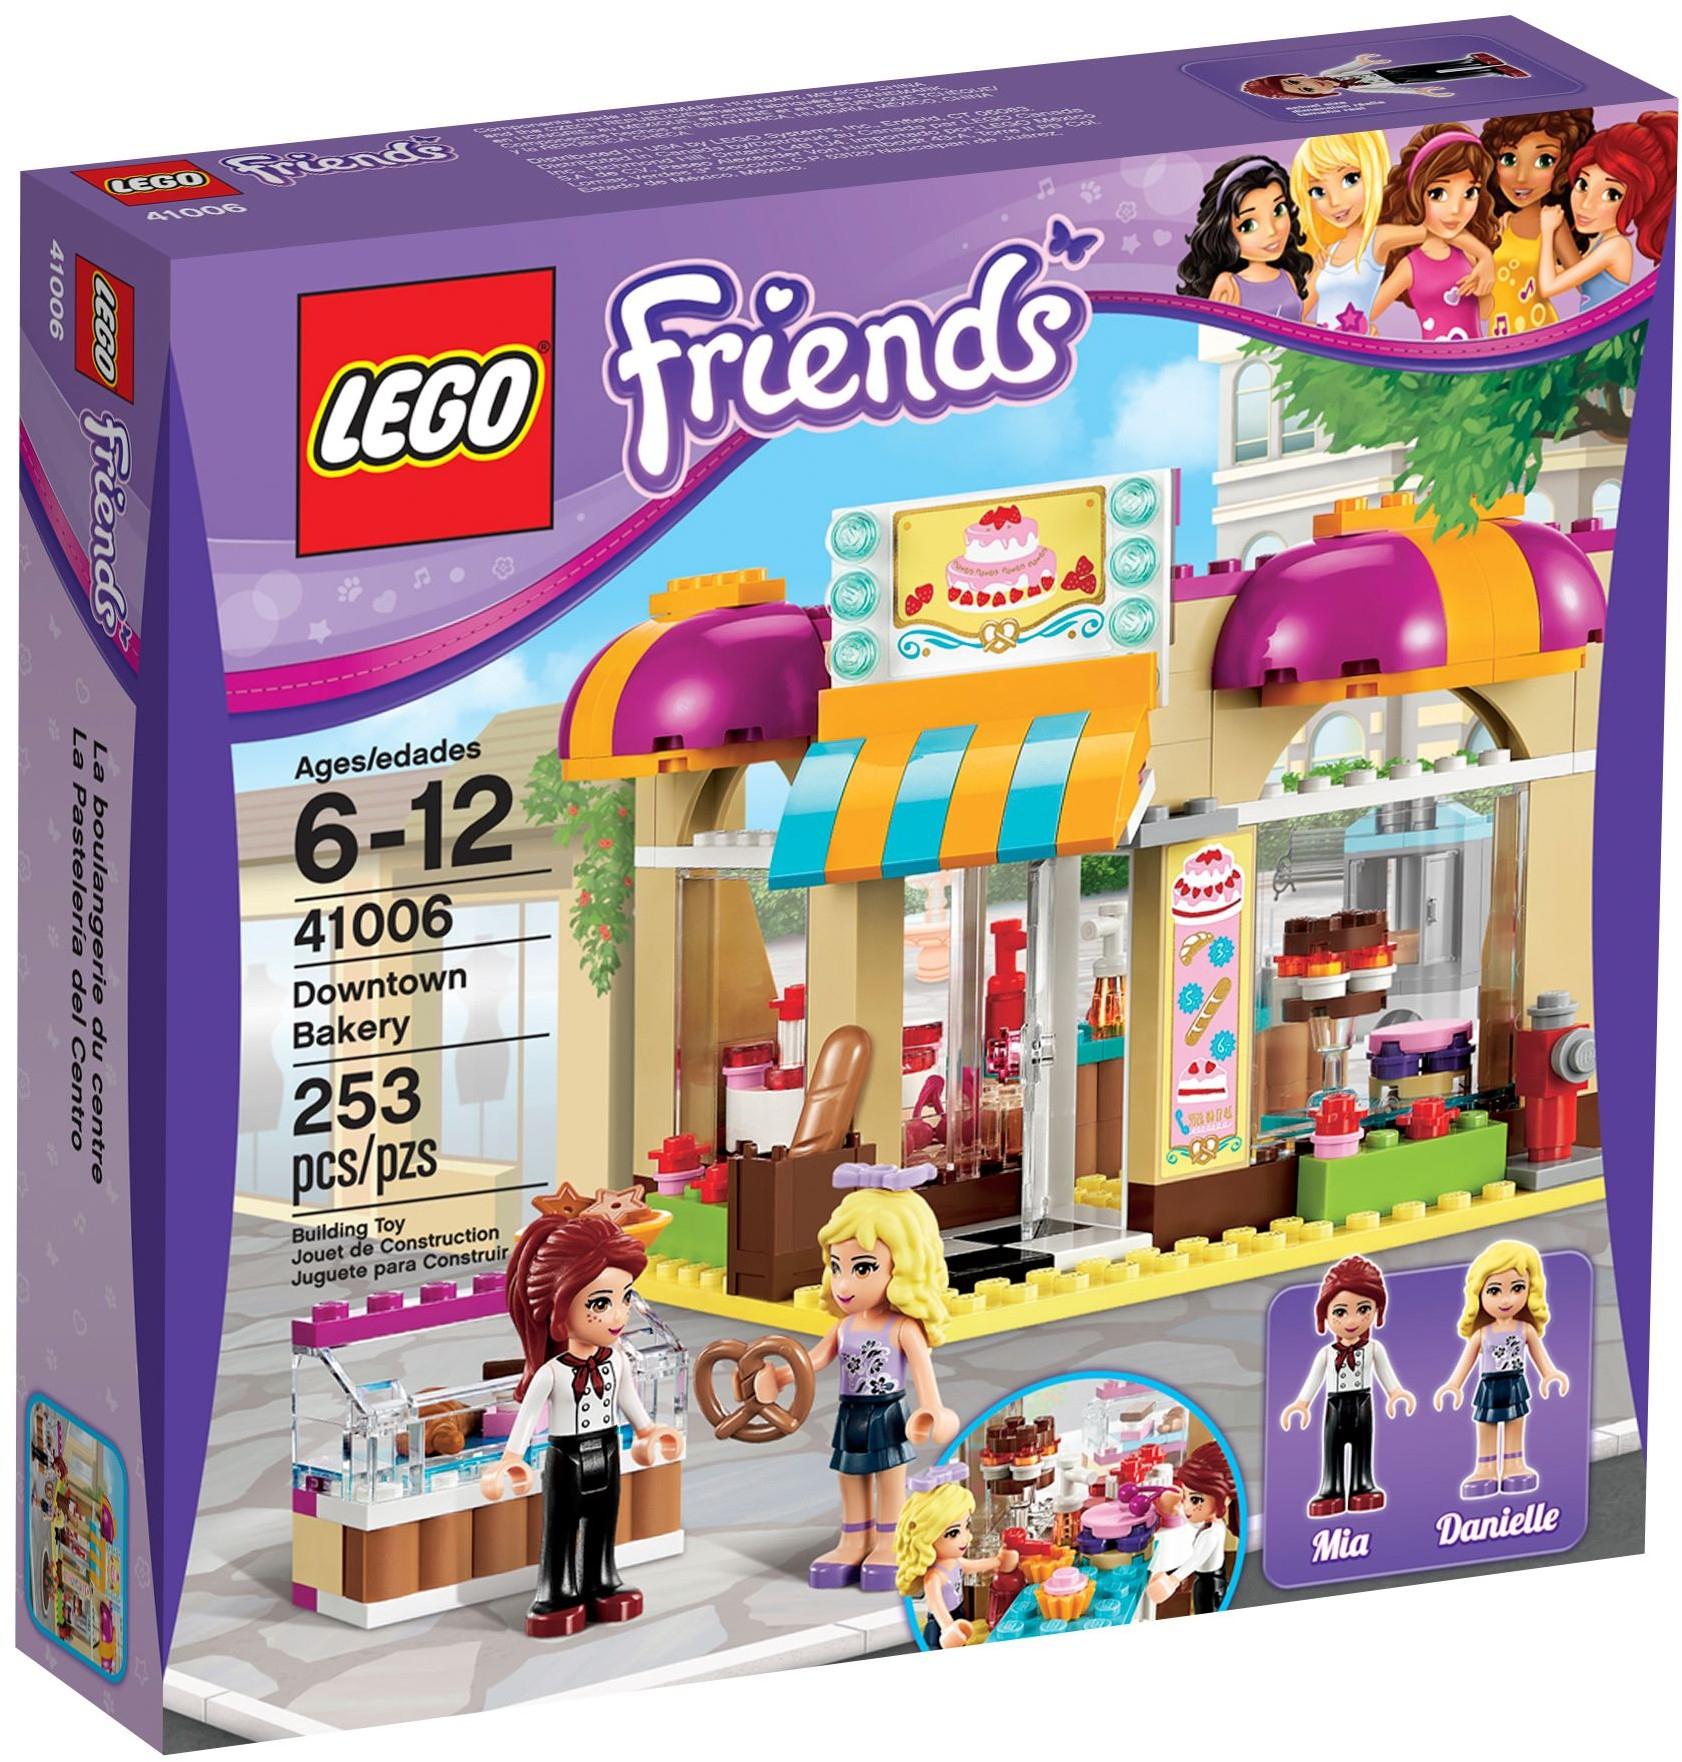 Lego Friends 41006 Pas Cher - La Boulangerie De Heartlake City concernant Ecole Lego Friends